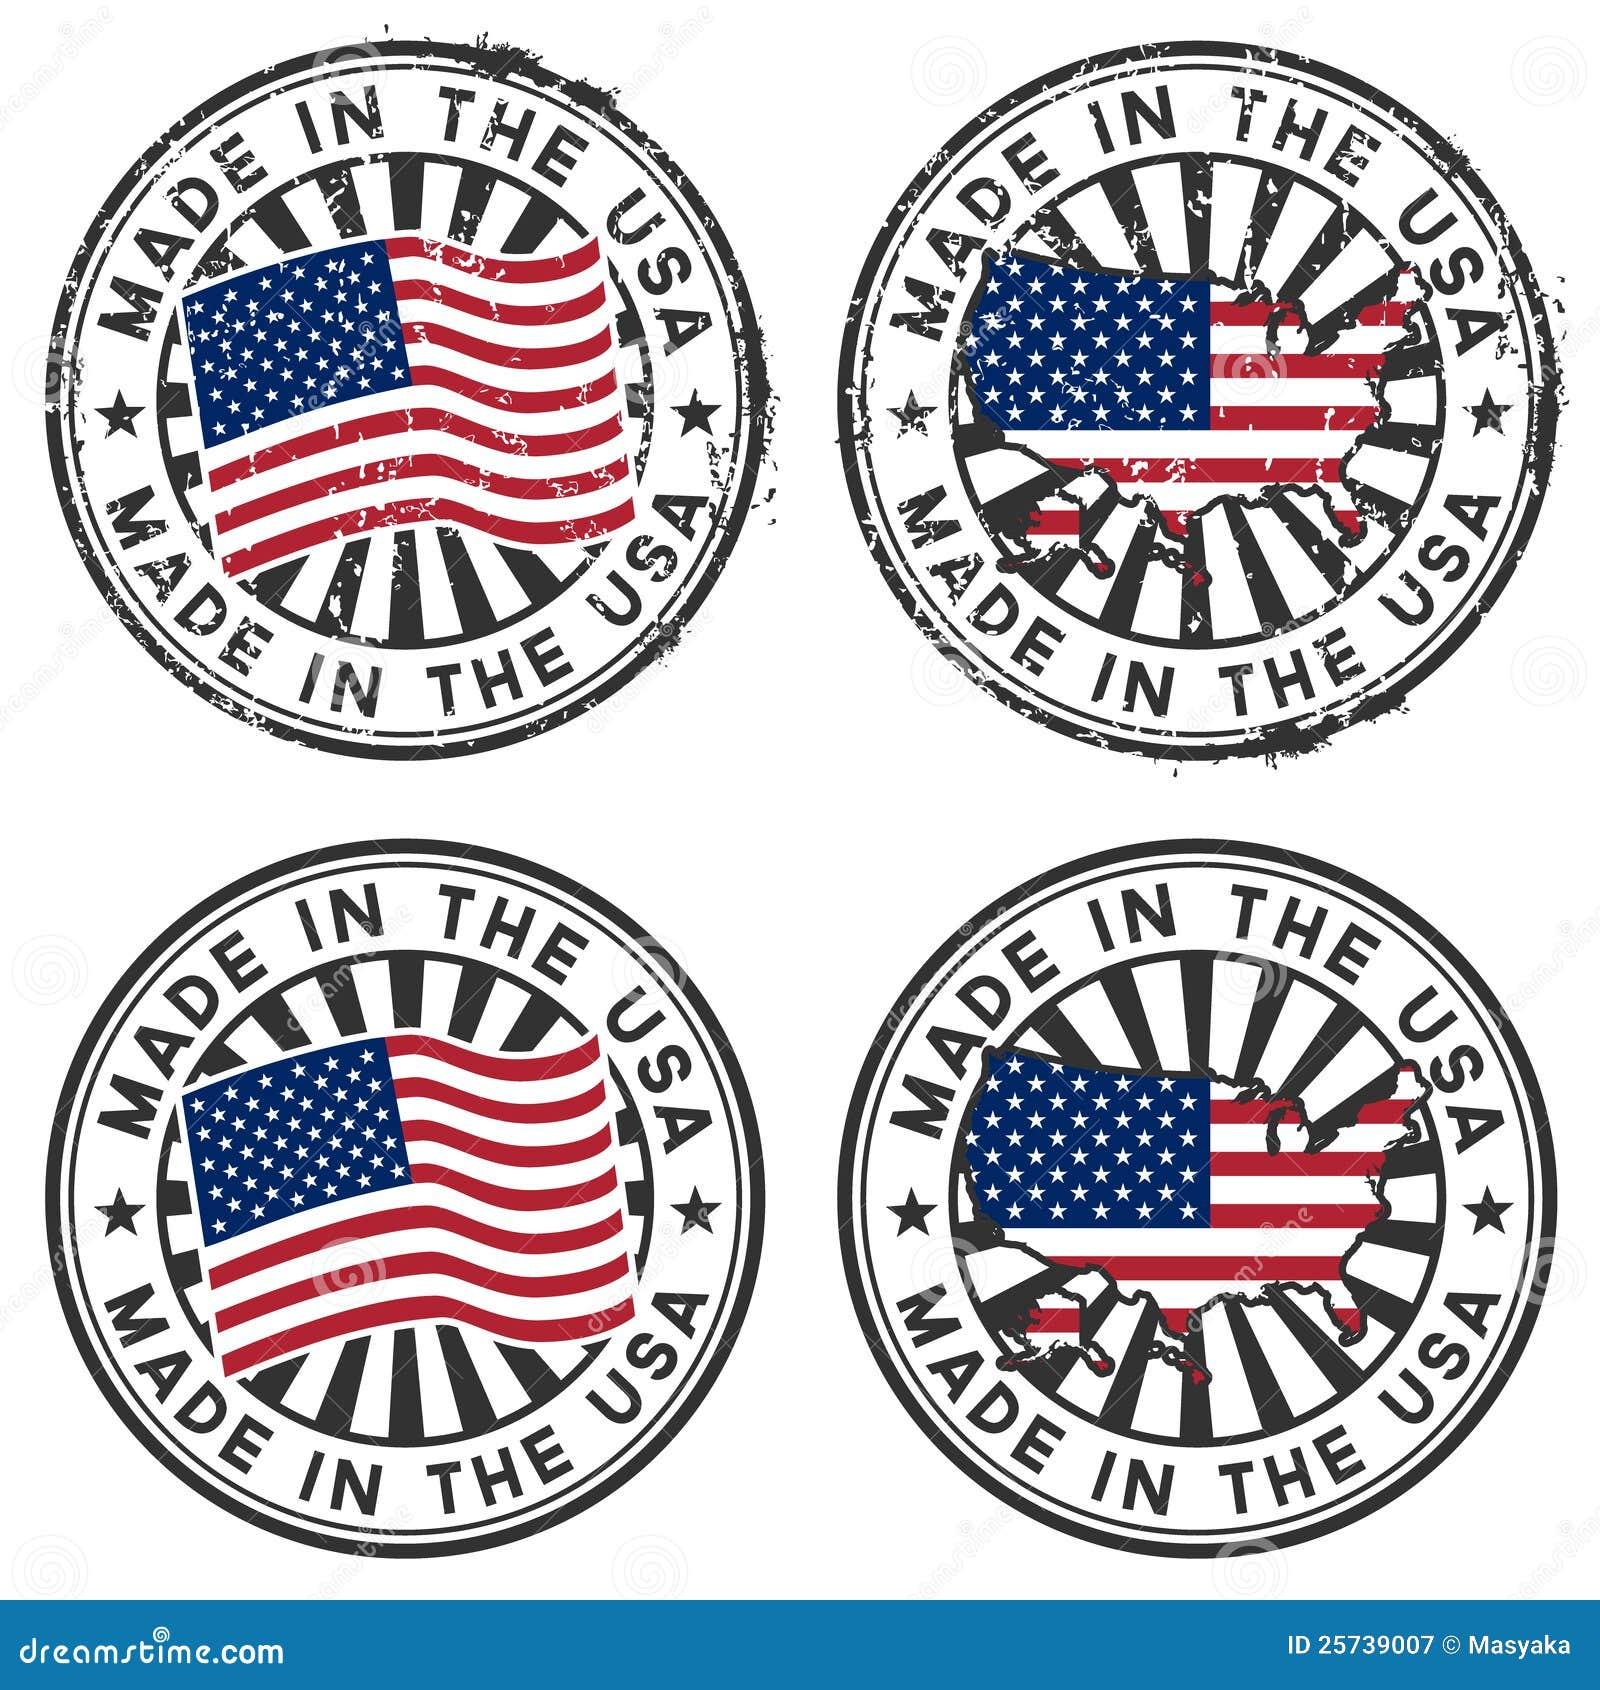 Estampez avec la carte, indicateur des Etats-Unis. Fabriqué aux Etats-Unis.